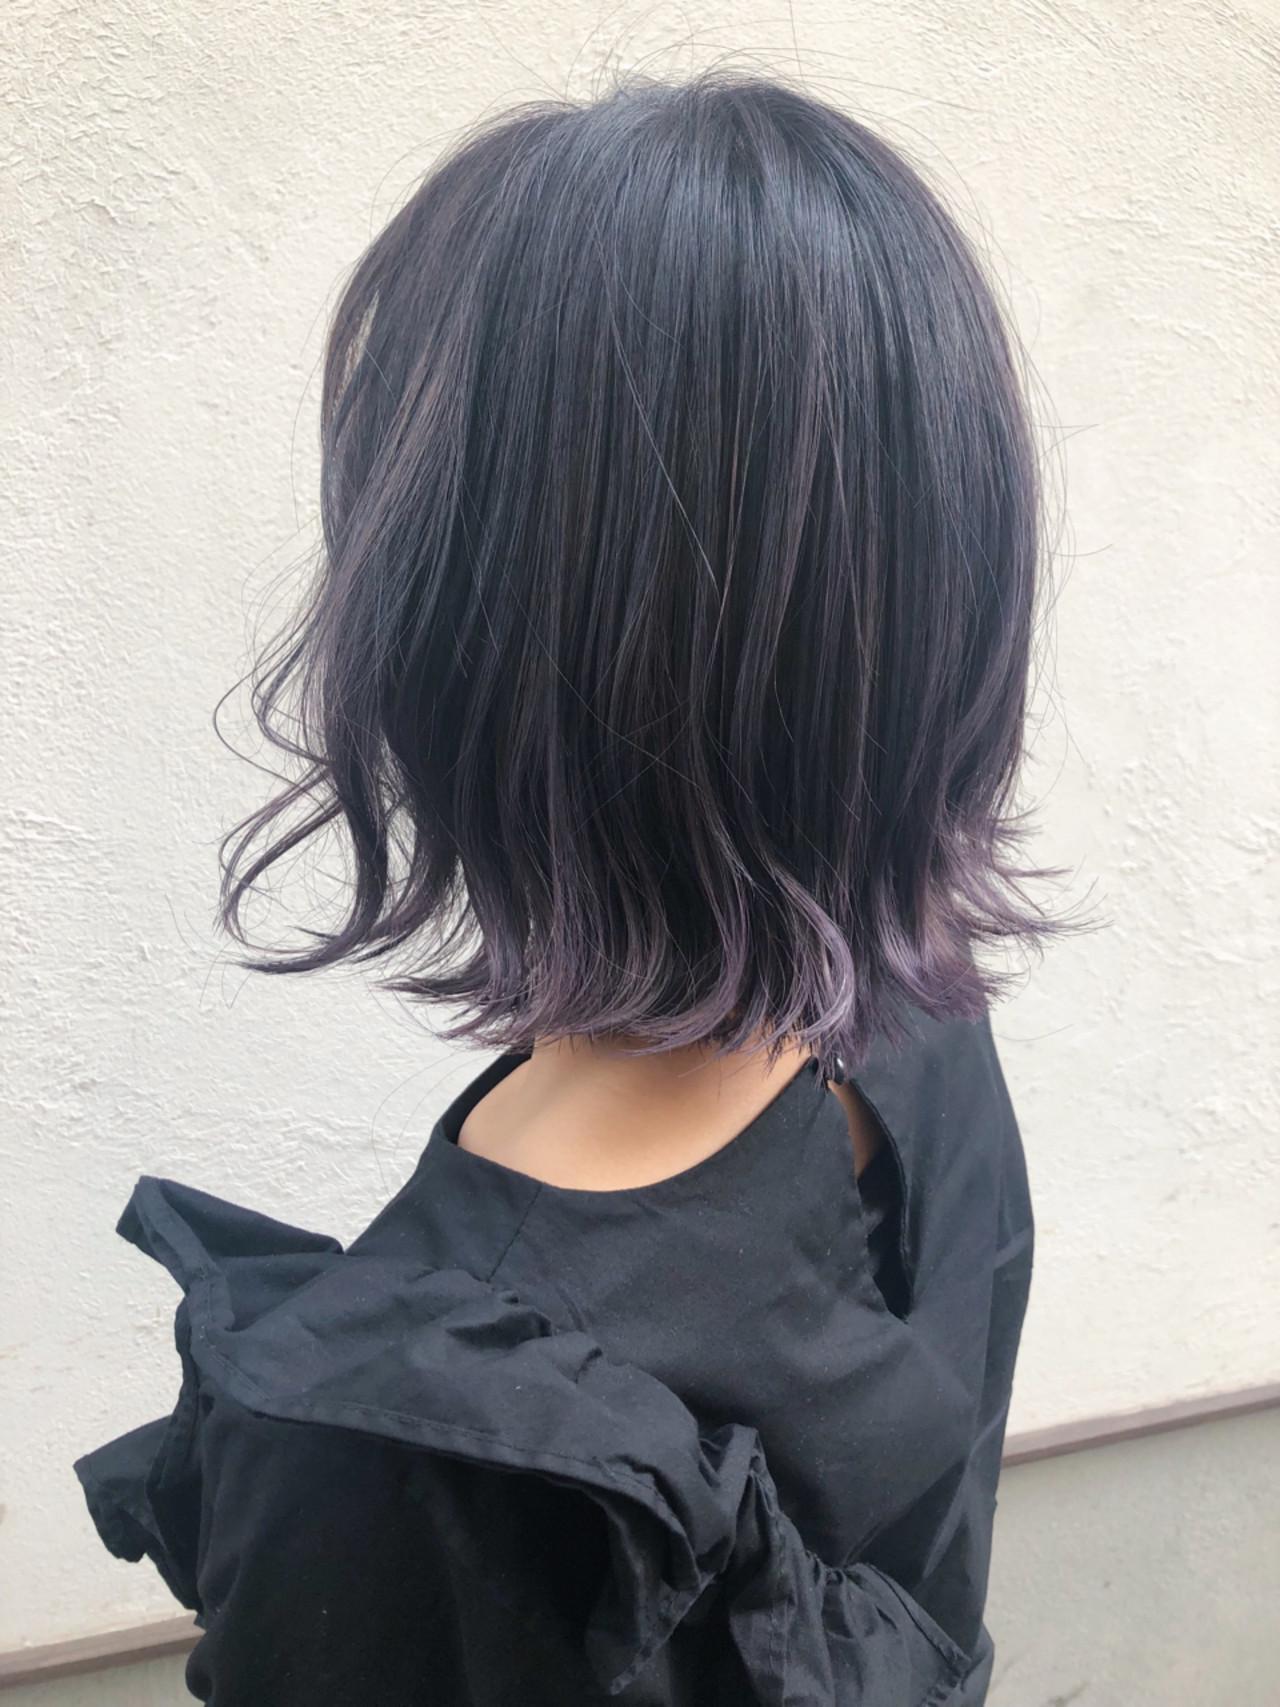 グラデーションカラー パープル 簡単ヘアアレンジ ボブ ヘアスタイルや髪型の写真・画像 | サカイアカネ / EMANON freelance